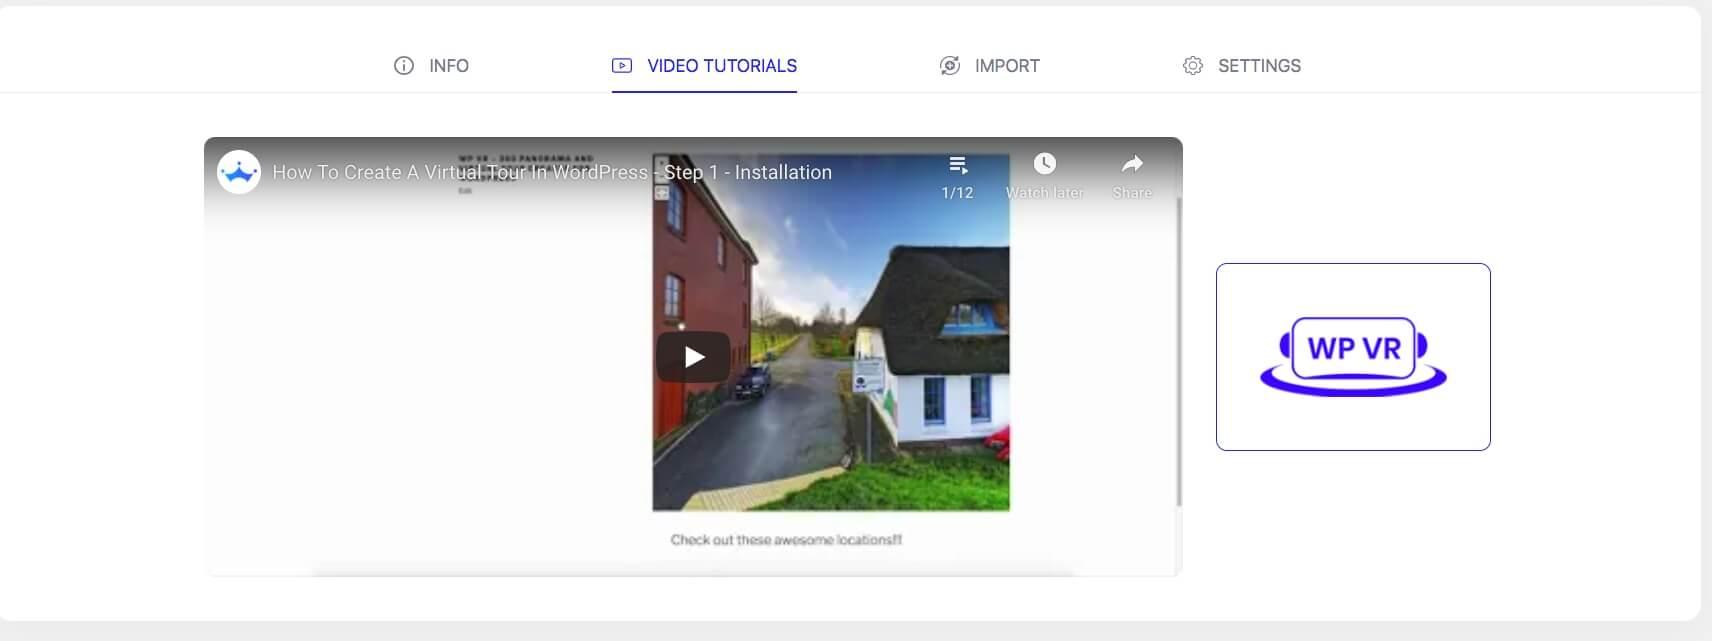 WPVR - Get Started - Video Tutorials